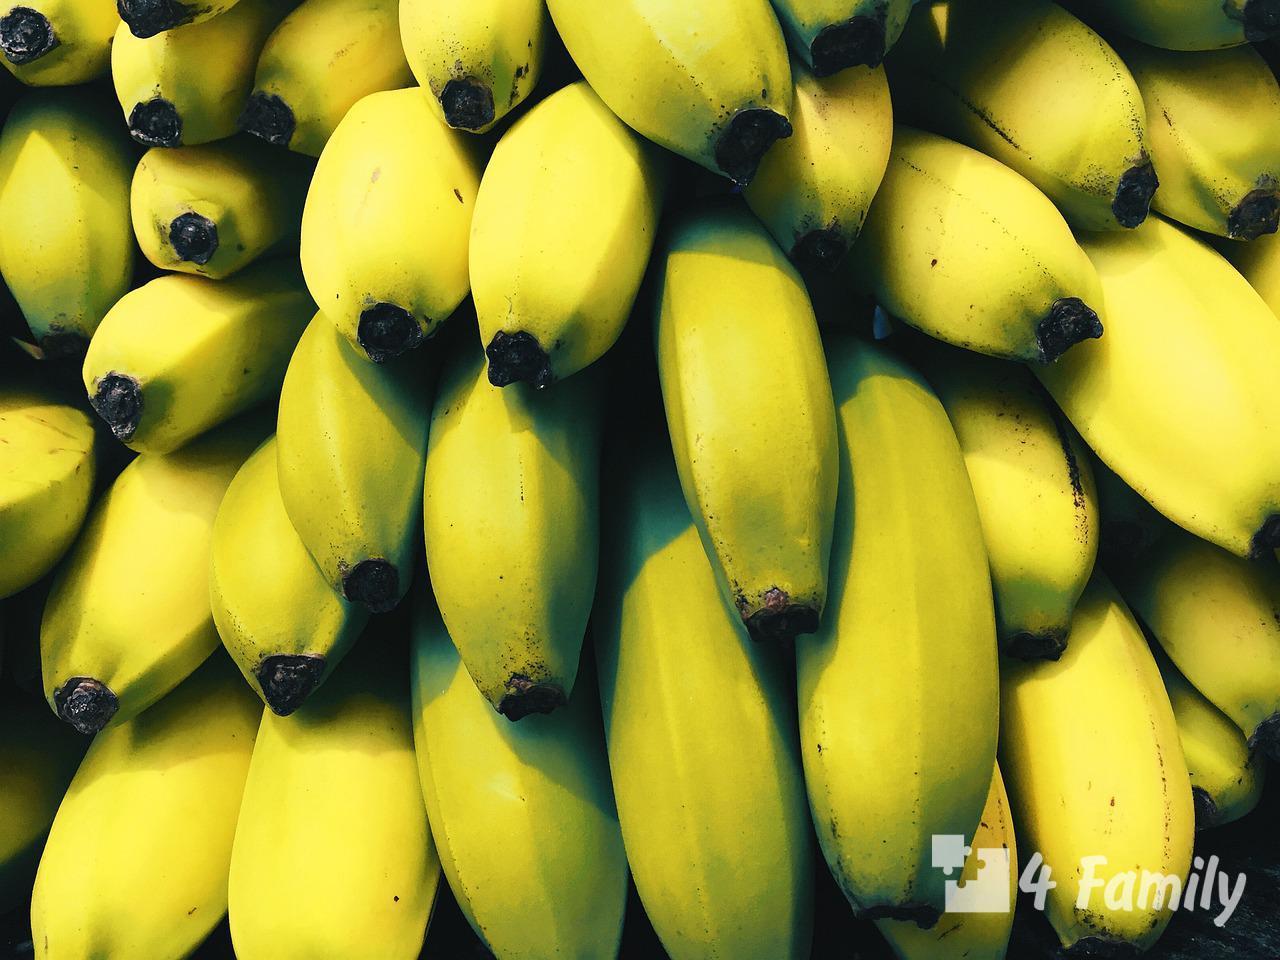 4family Как использовать бананы лайфхаки